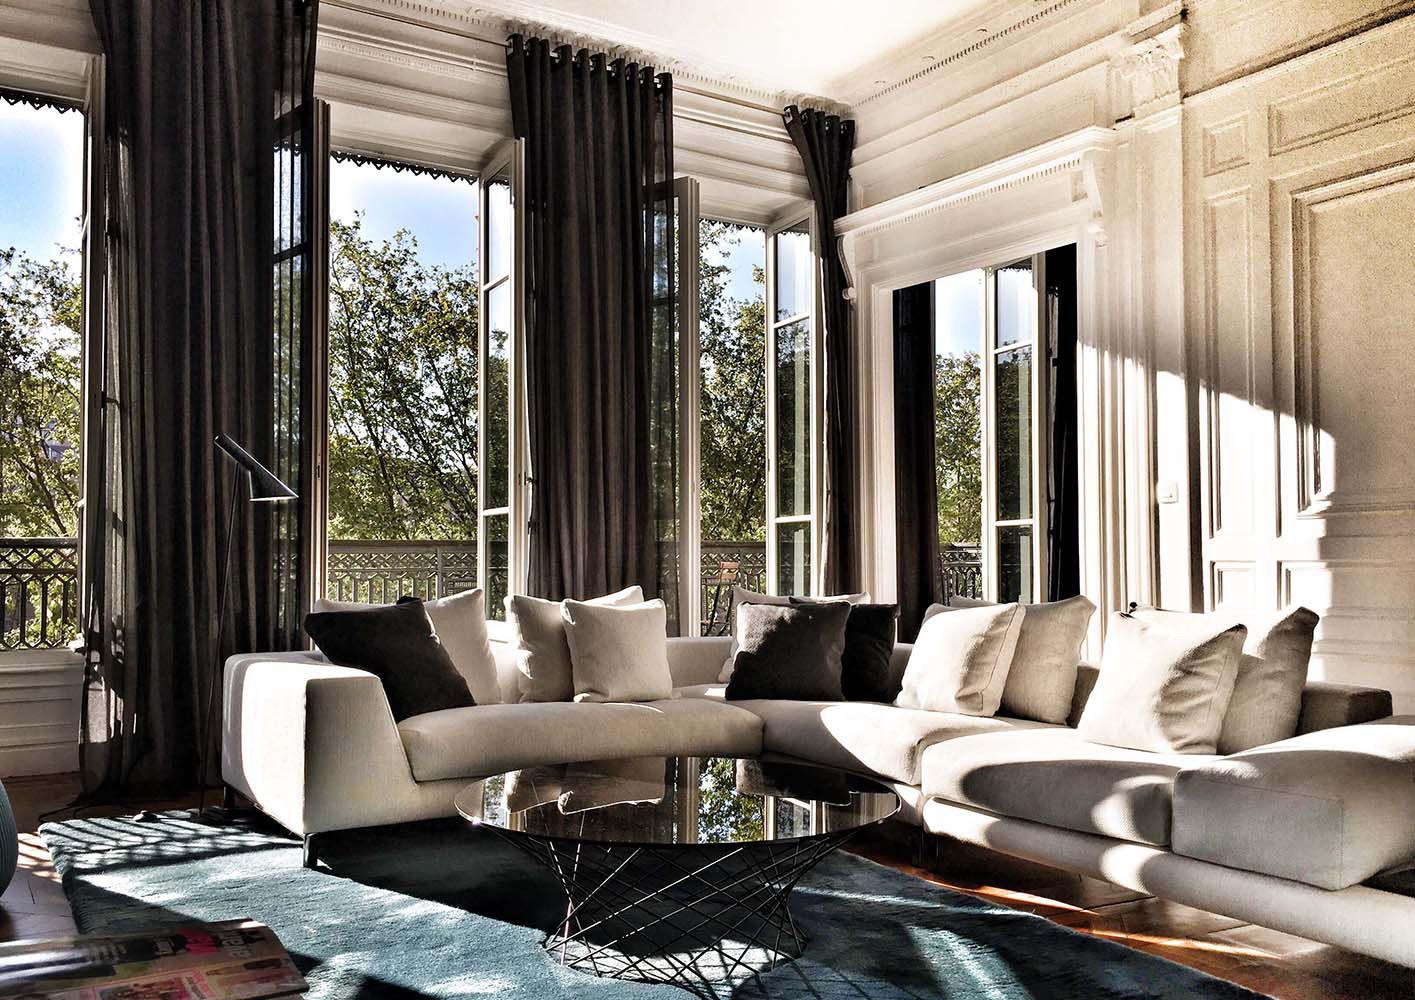 Interiors & contract de lione progetto residenziale